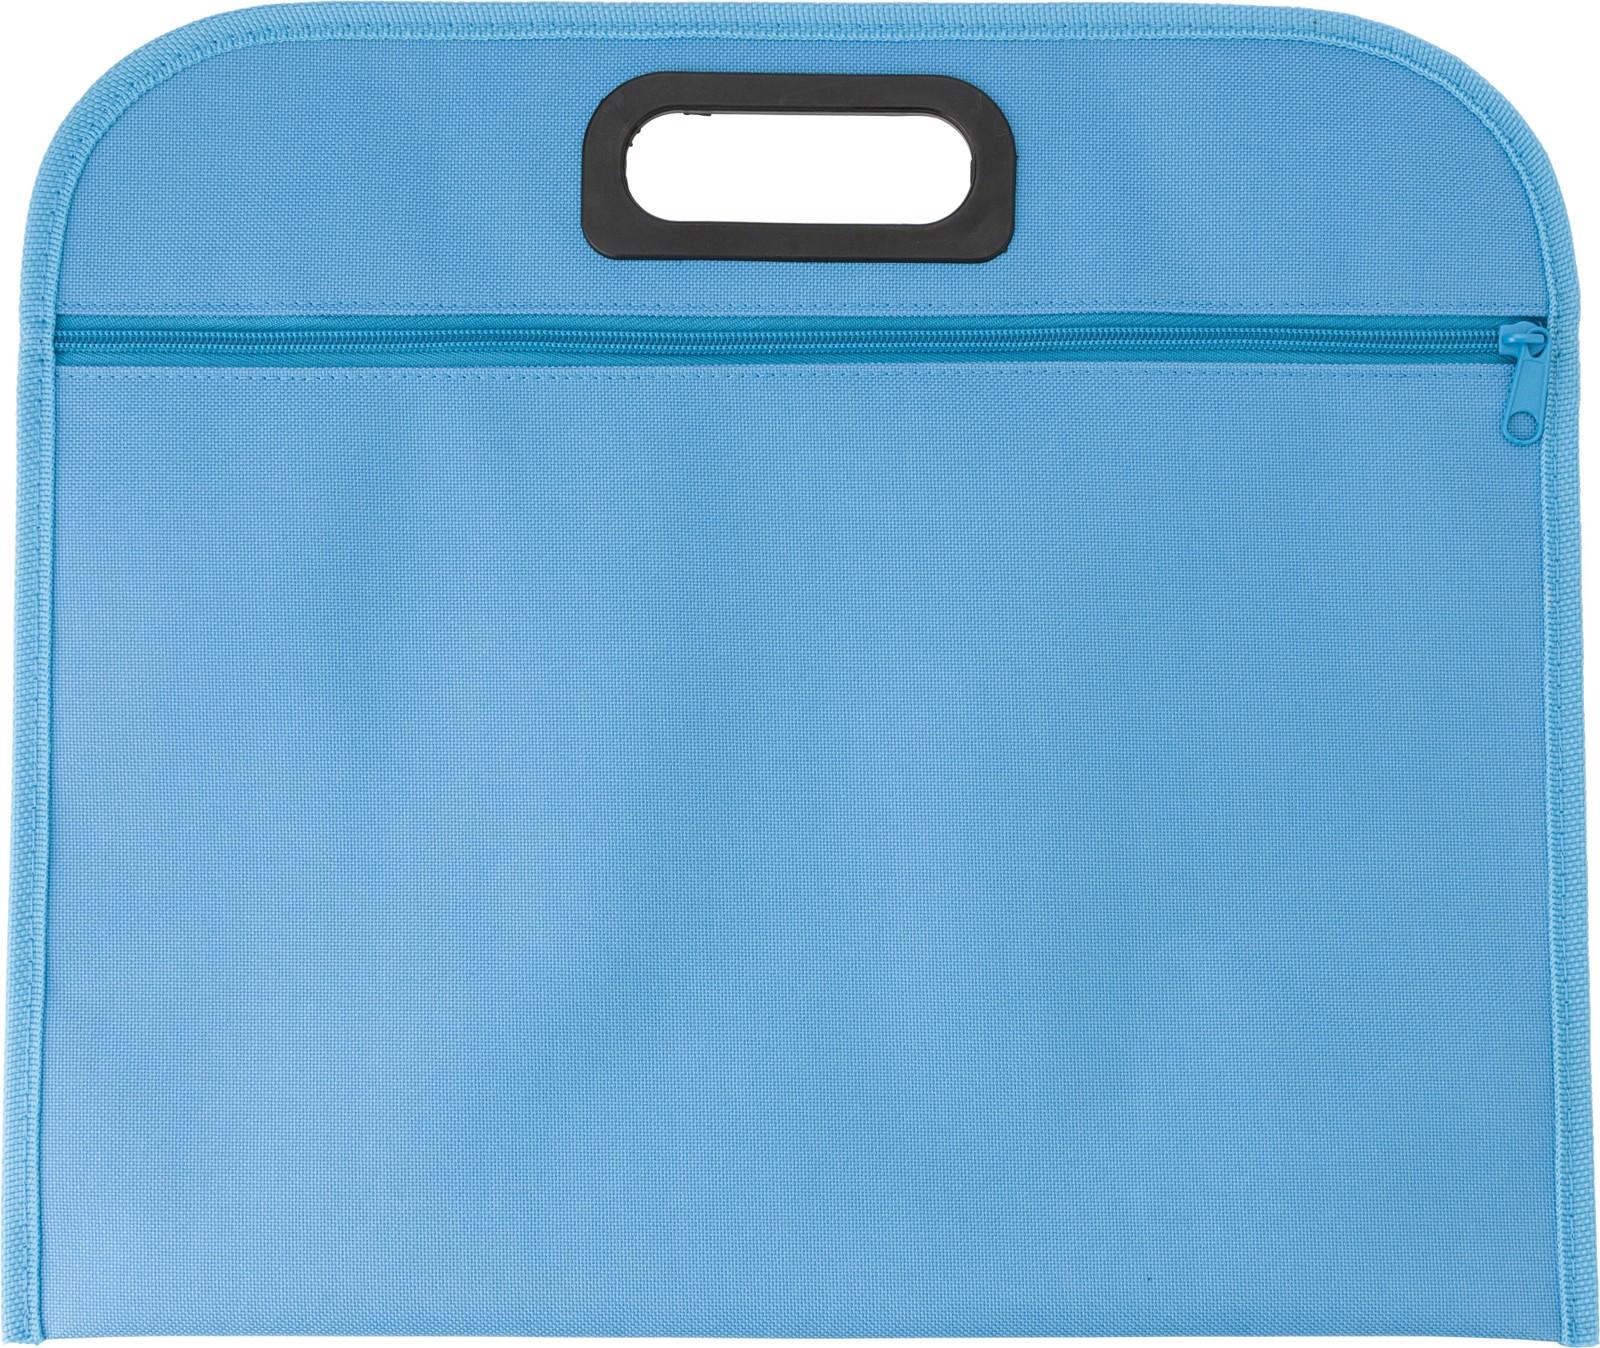 Polyester (600D) conference bag - Light Blue